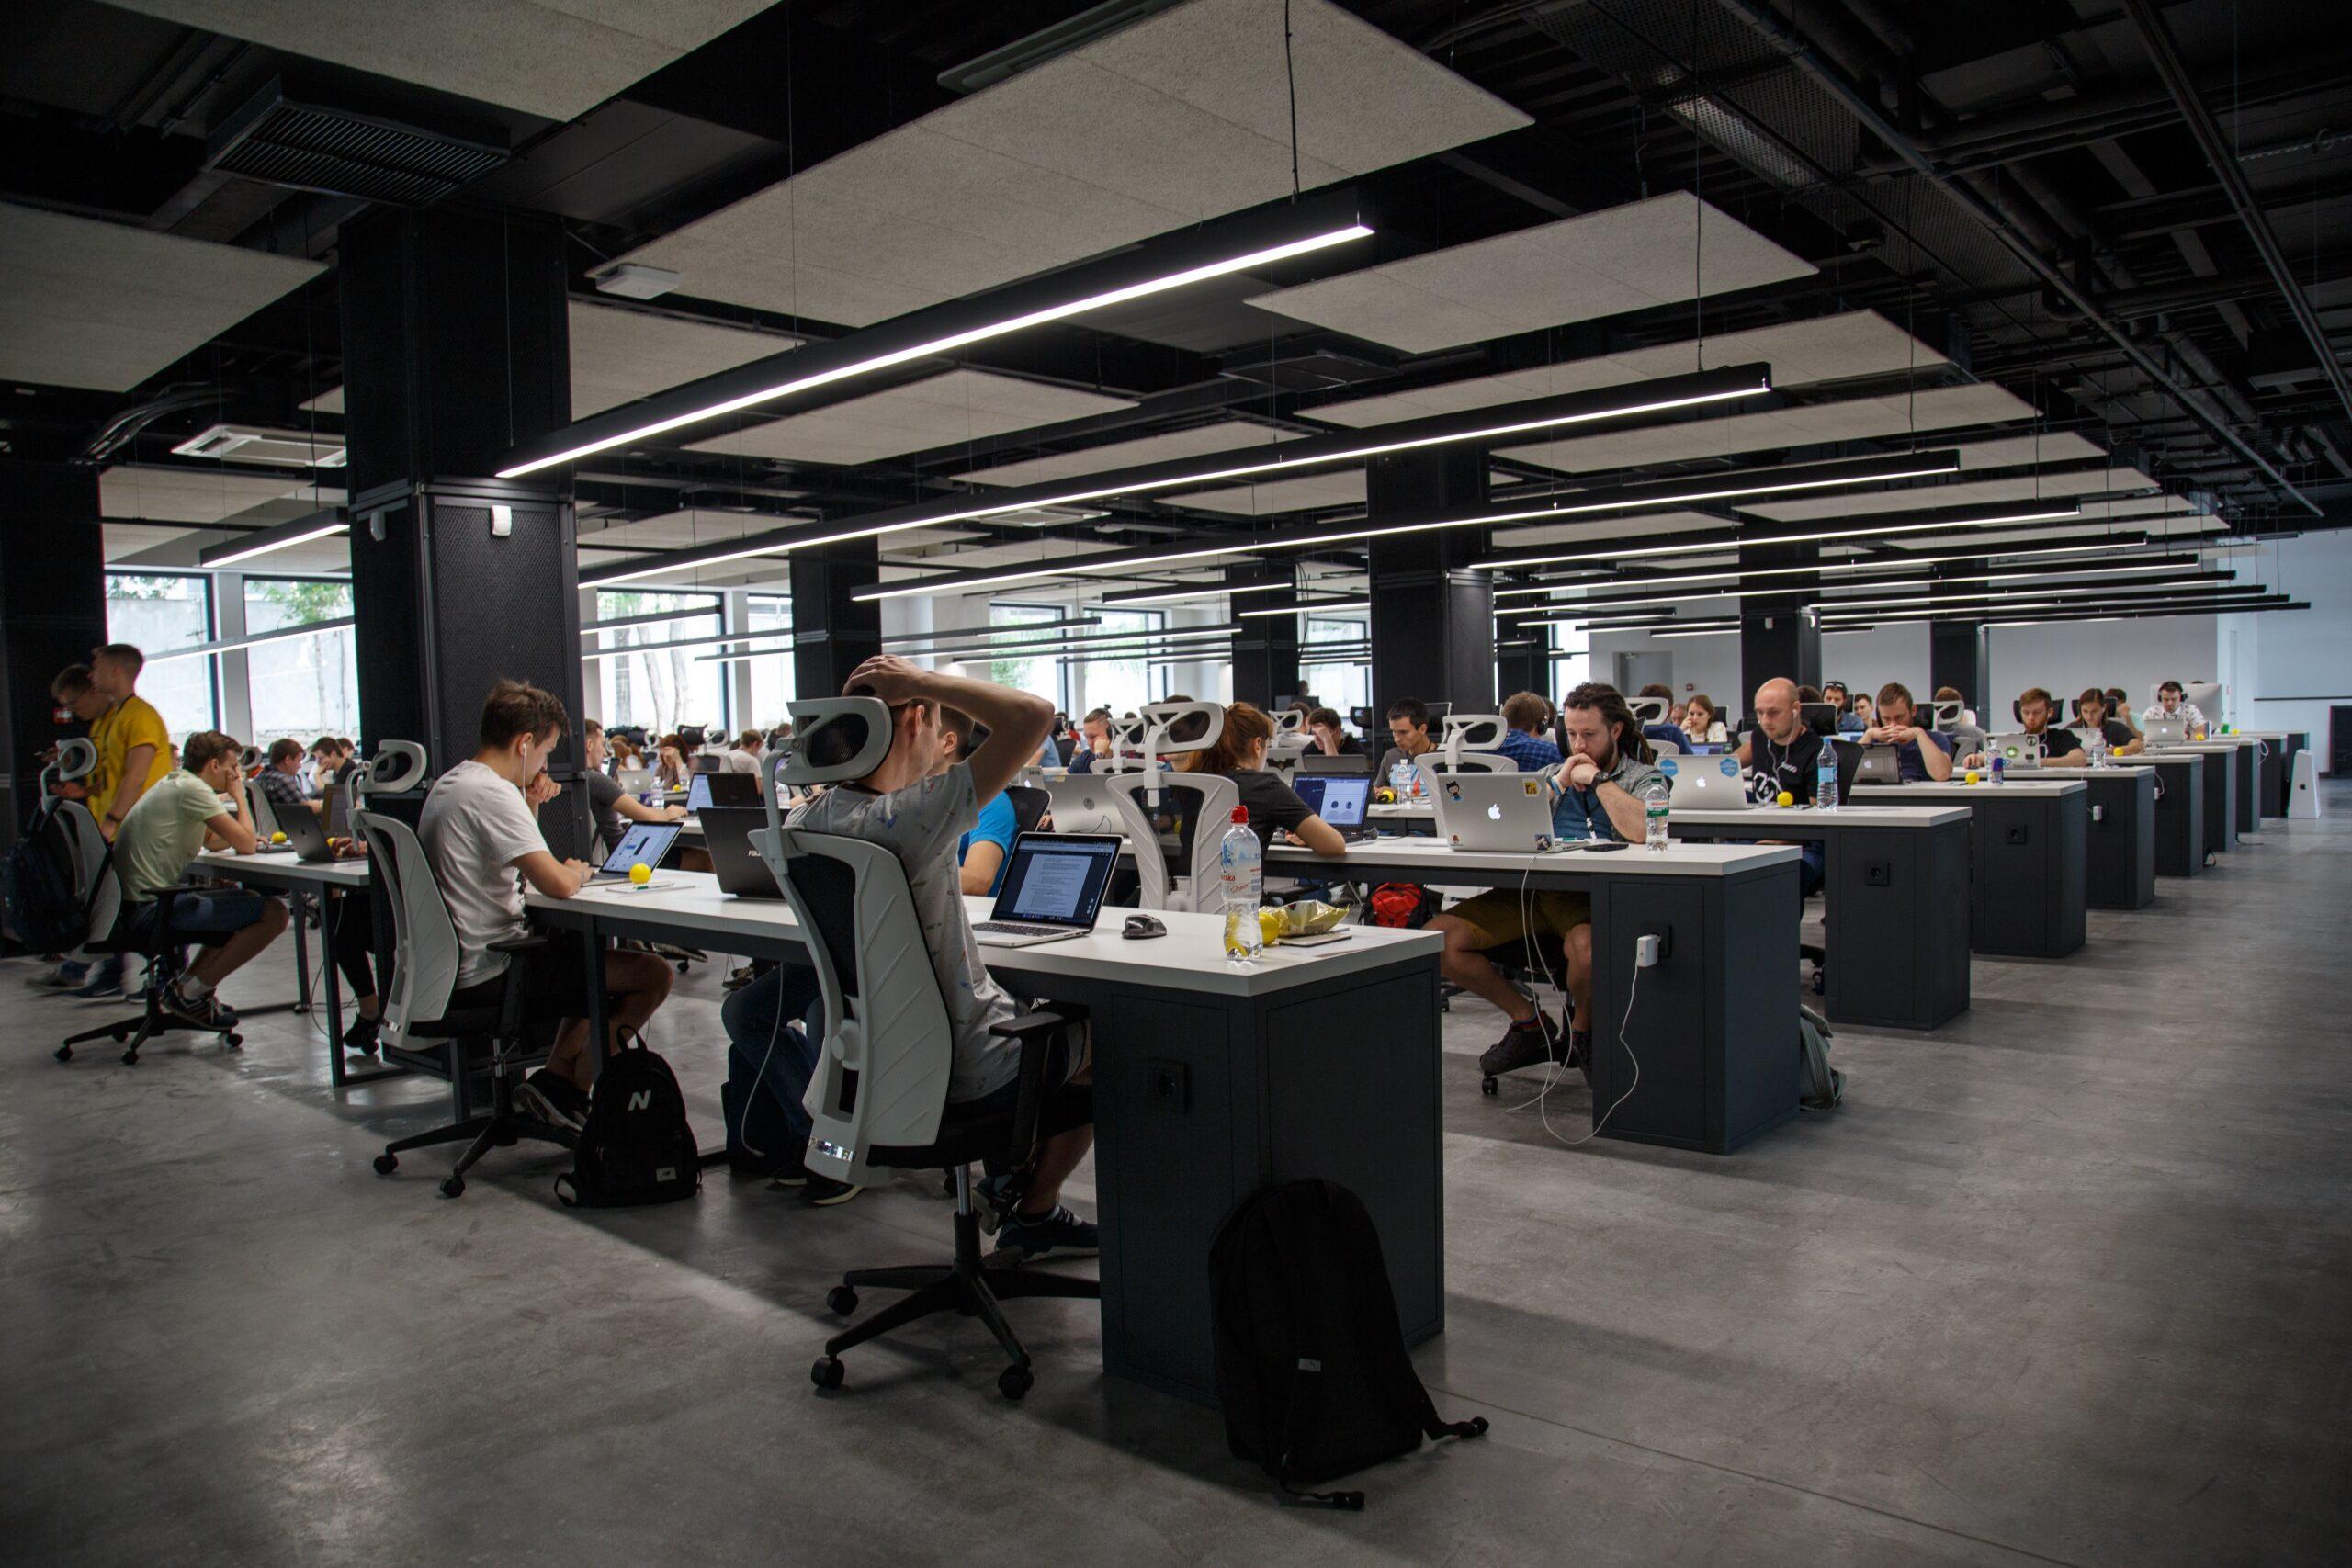 オフィスのレイアウトは業務や従業員の連携を考慮する